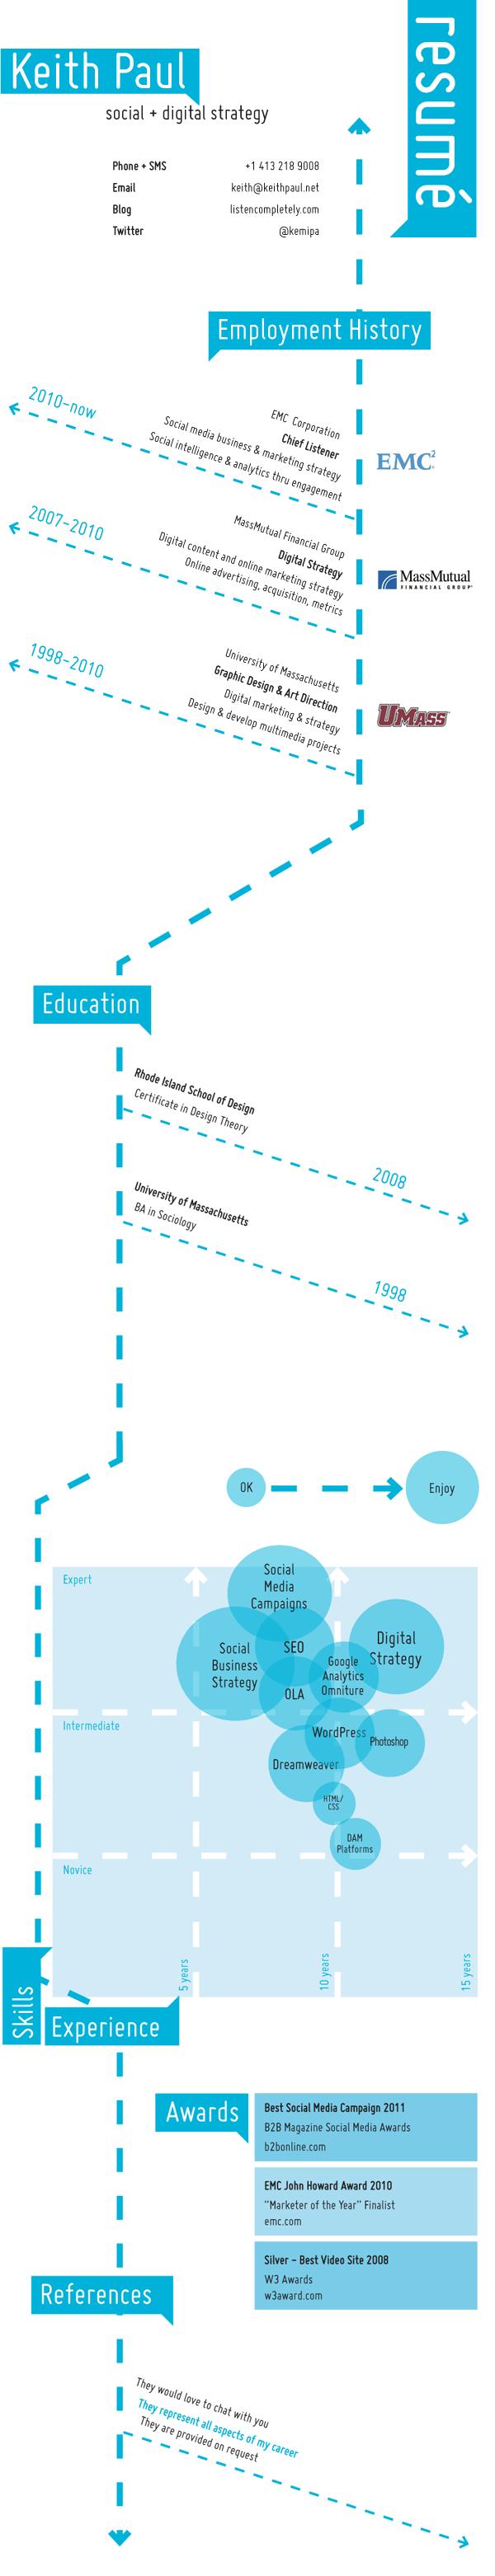 Kieth-Paul-Infographic-Resume